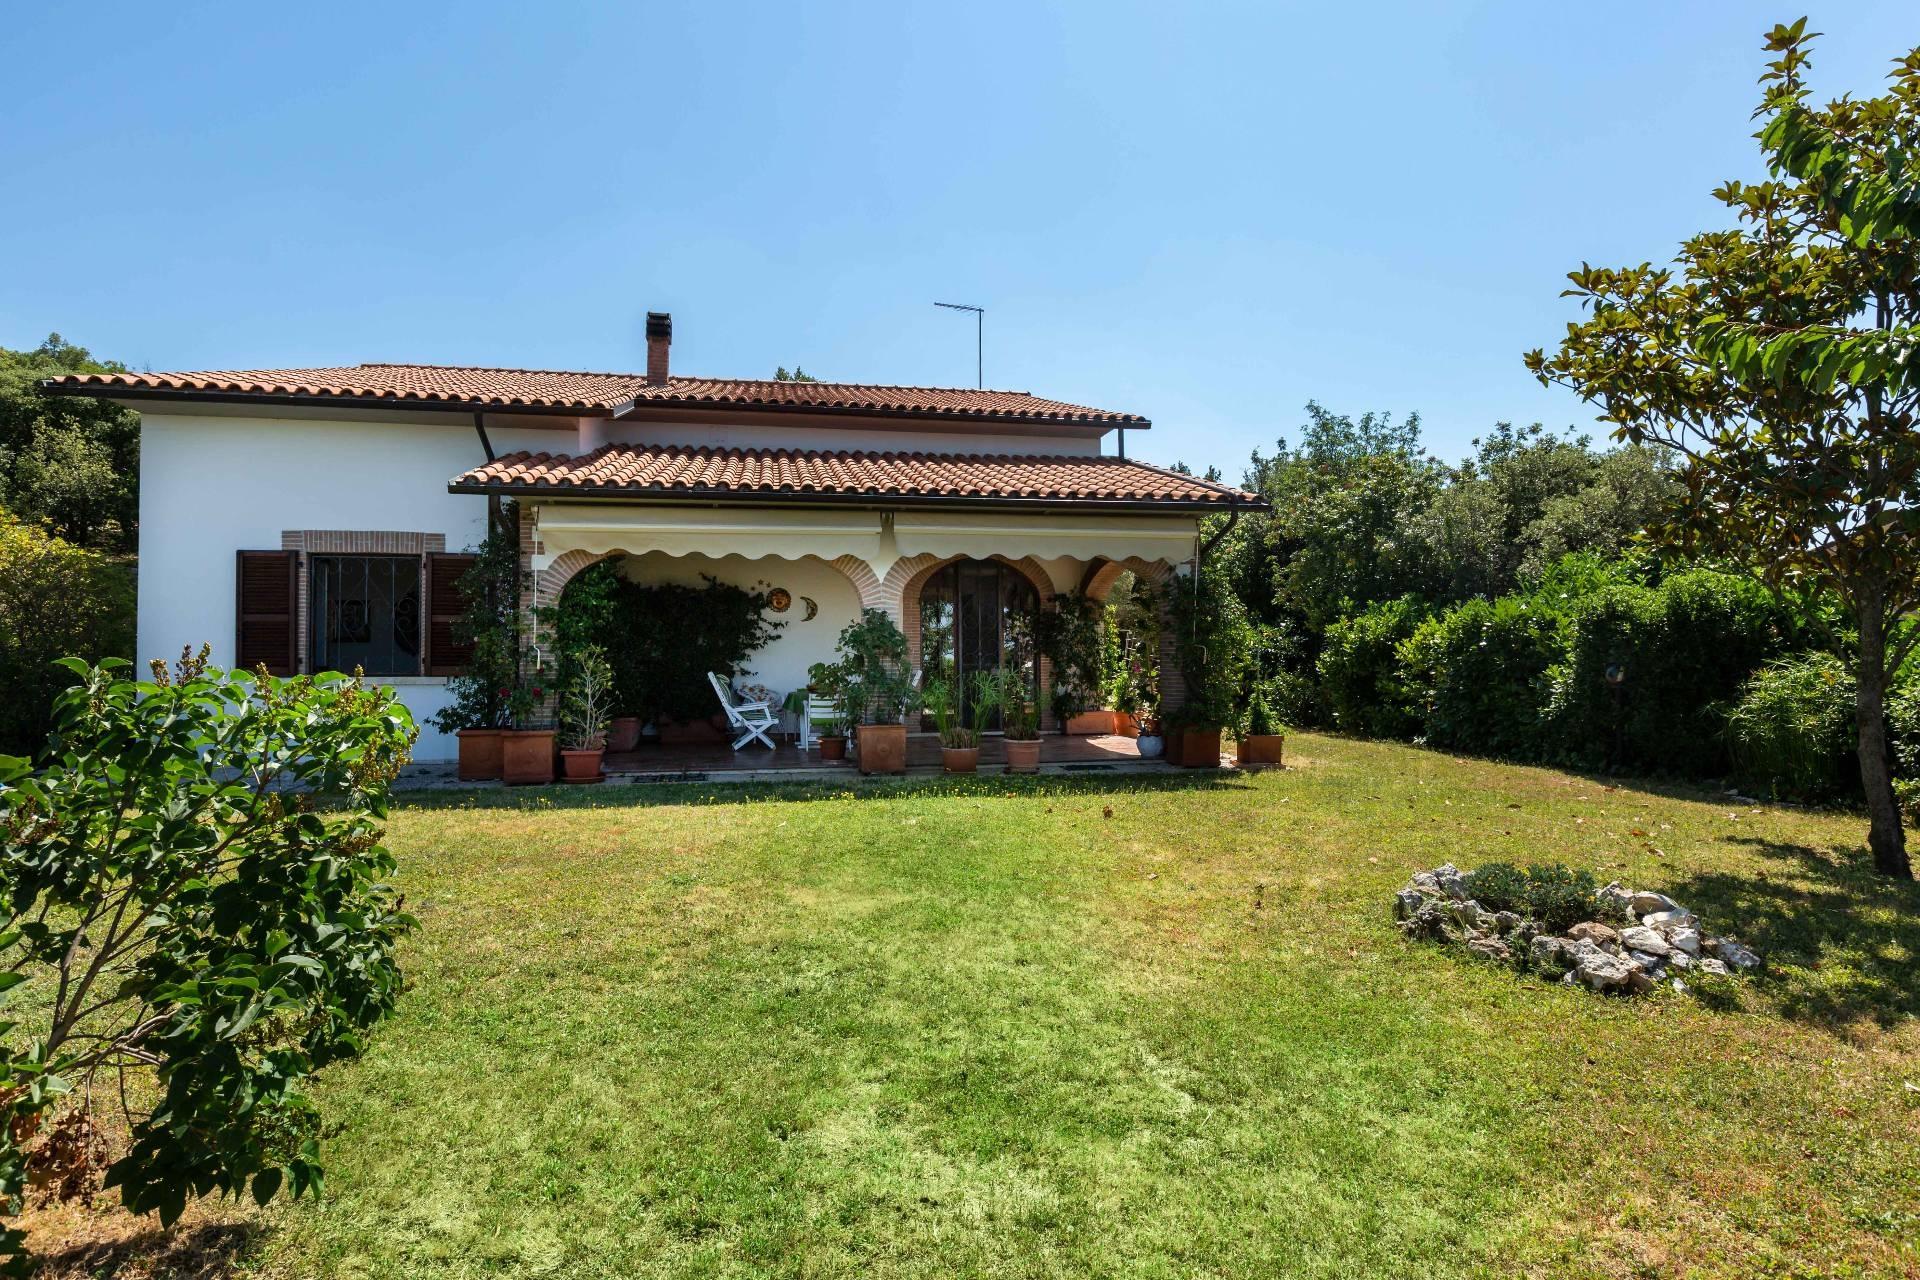 Villa in vendita a Alviano, 7 locali, zona Località: AlvianoScalo, prezzo € 225.000 | CambioCasa.it